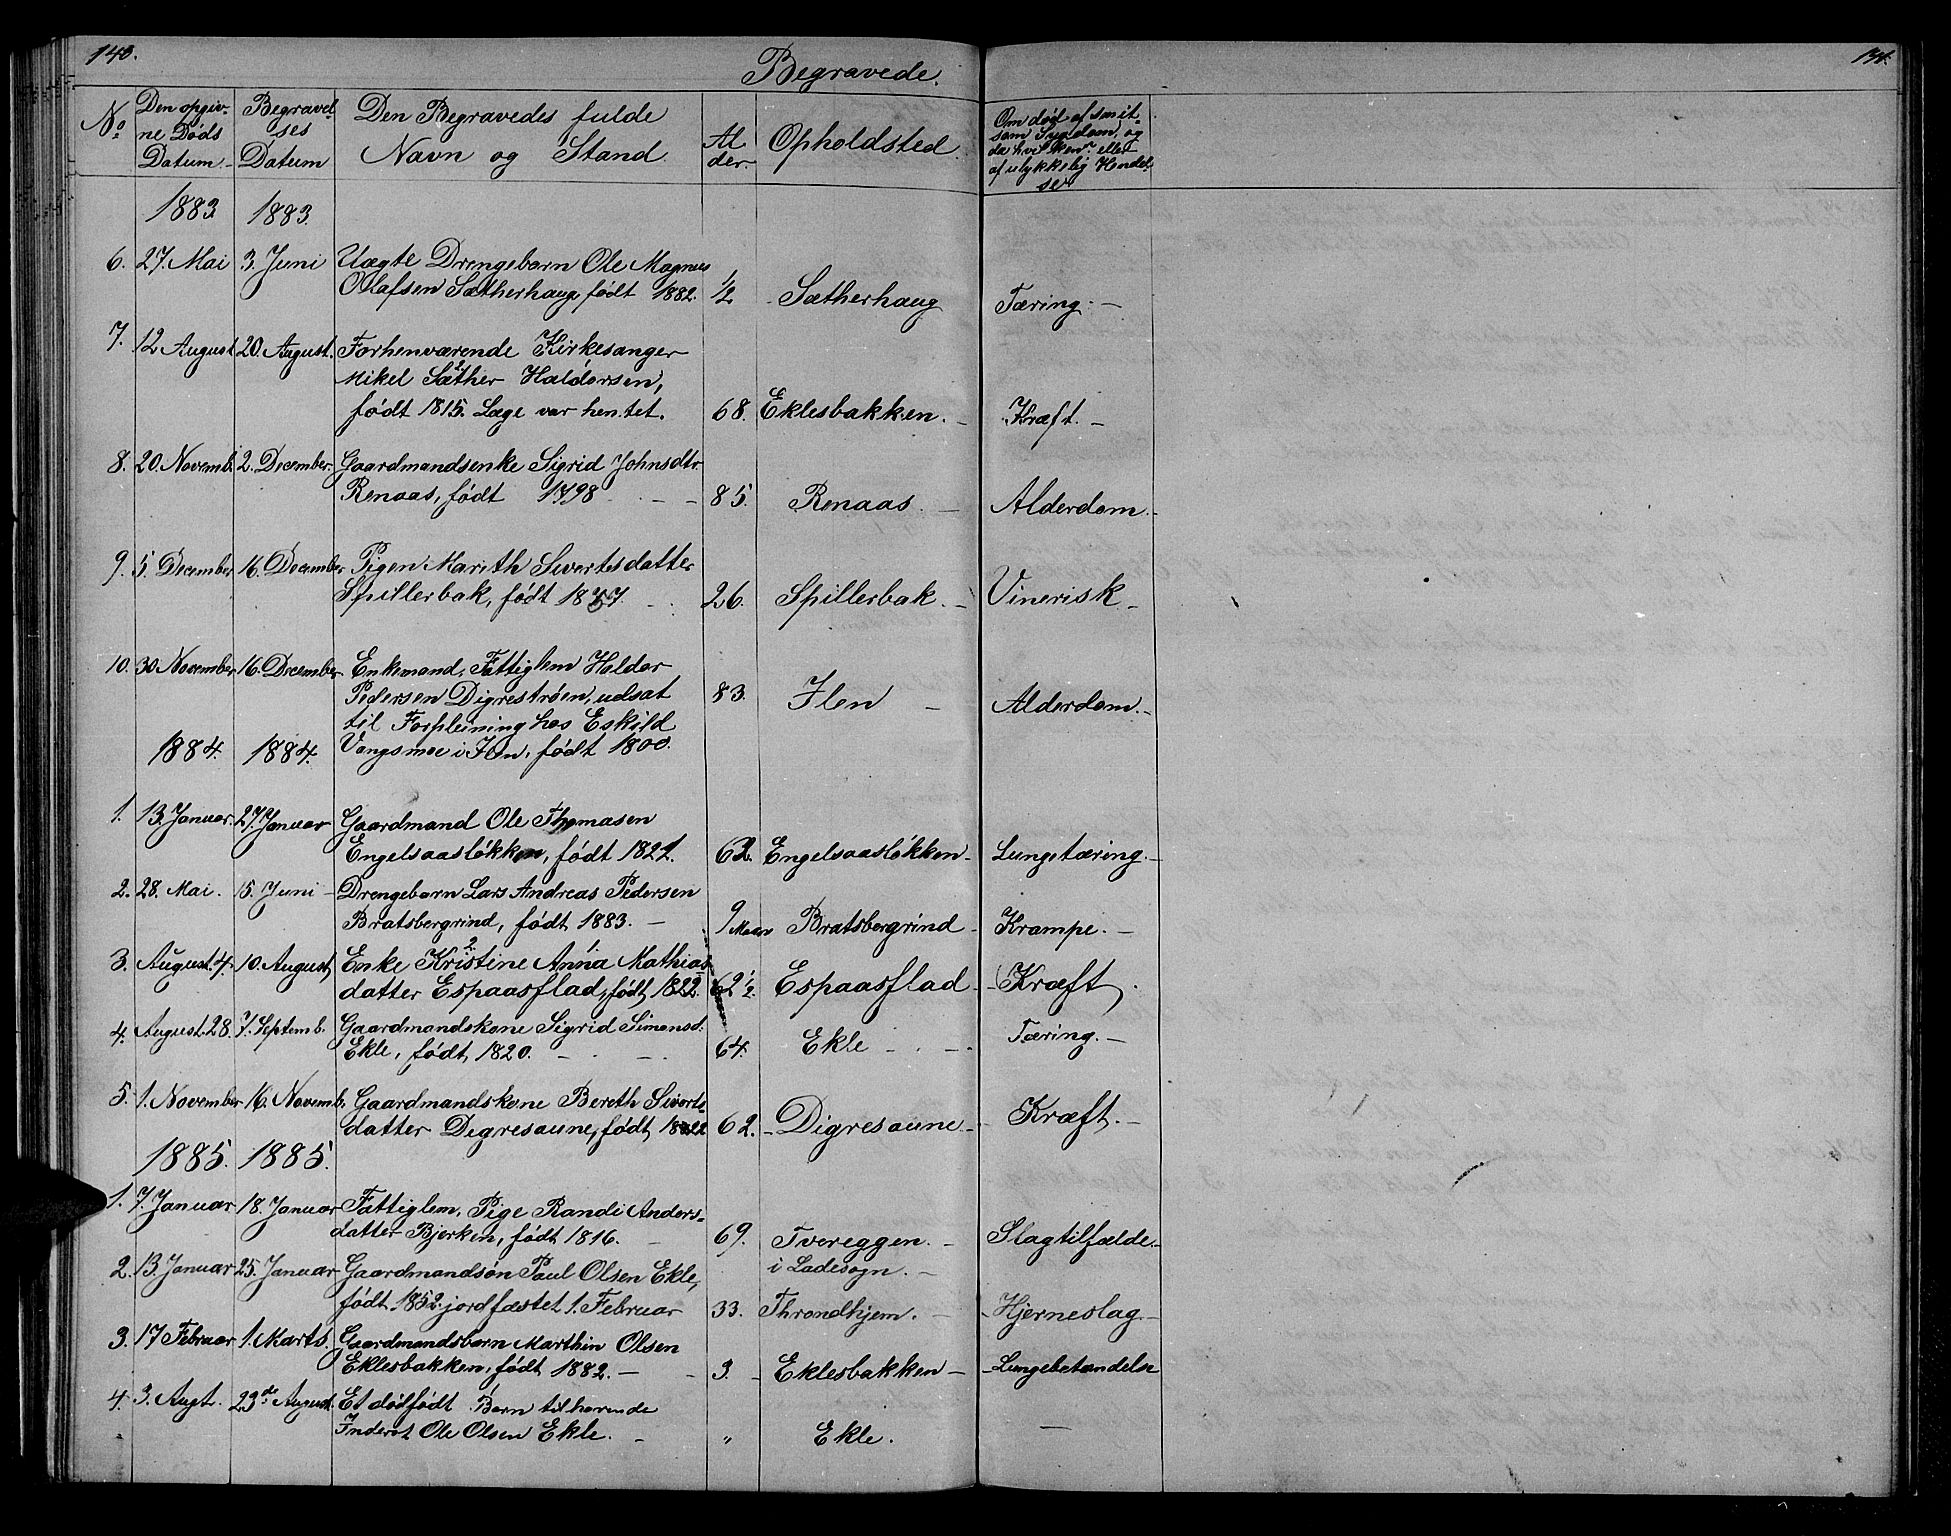 SAT, Ministerialprotokoller, klokkerbøker og fødselsregistre - Sør-Trøndelag, 608/L0340: Klokkerbok nr. 608C06, 1864-1889, s. 140-141